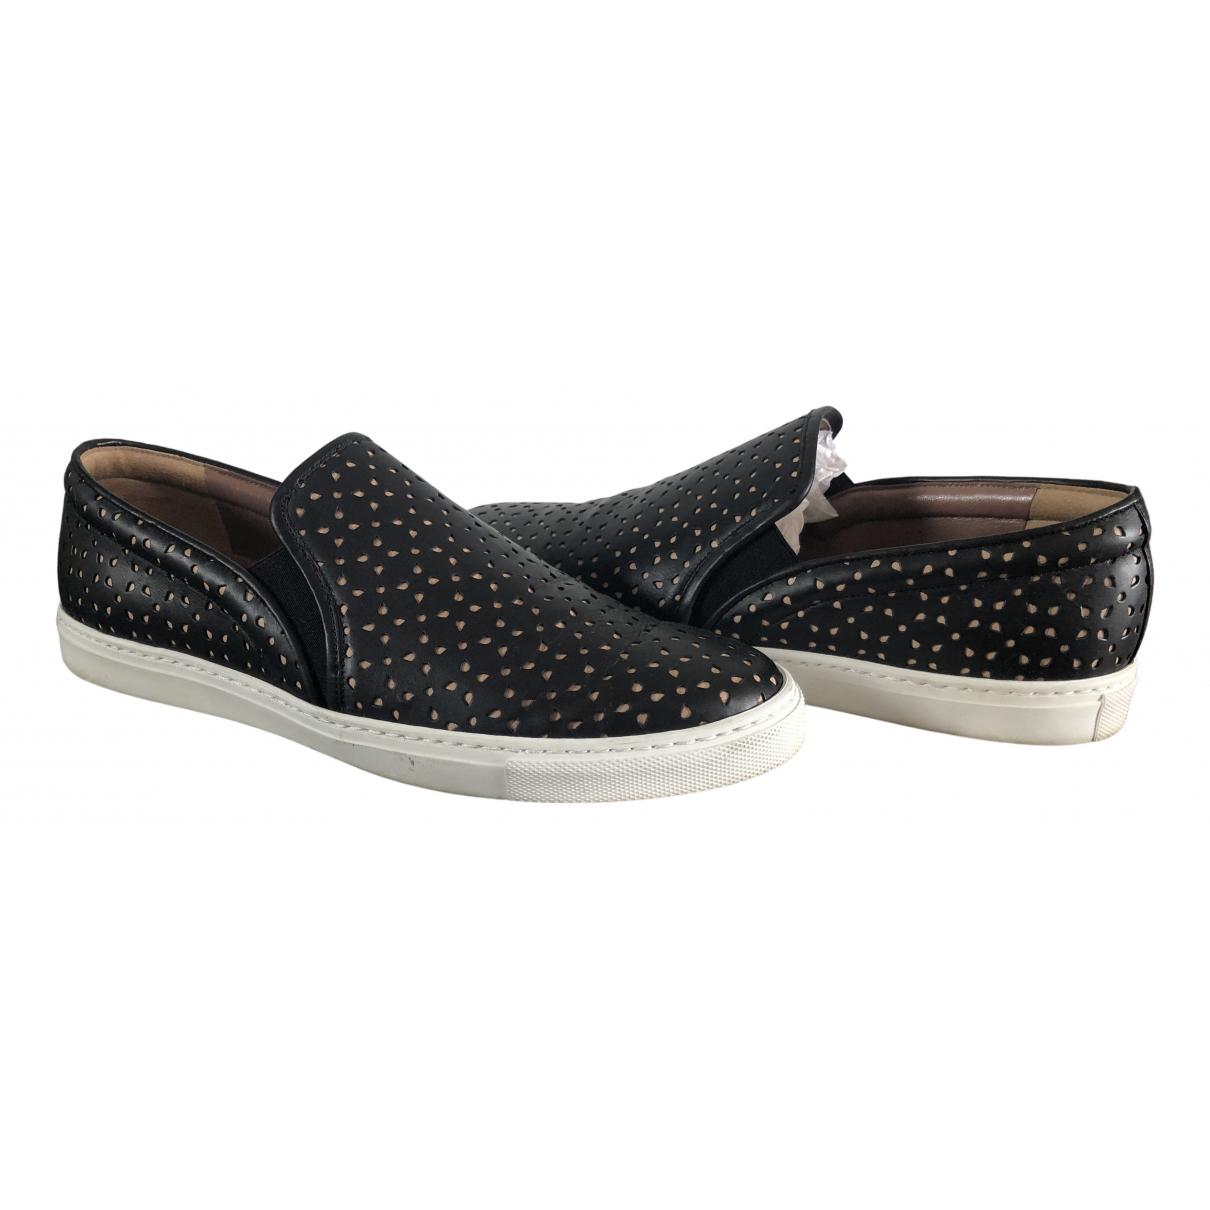 Tabitha Simmons \N Sneakers in  Schwarz Leder